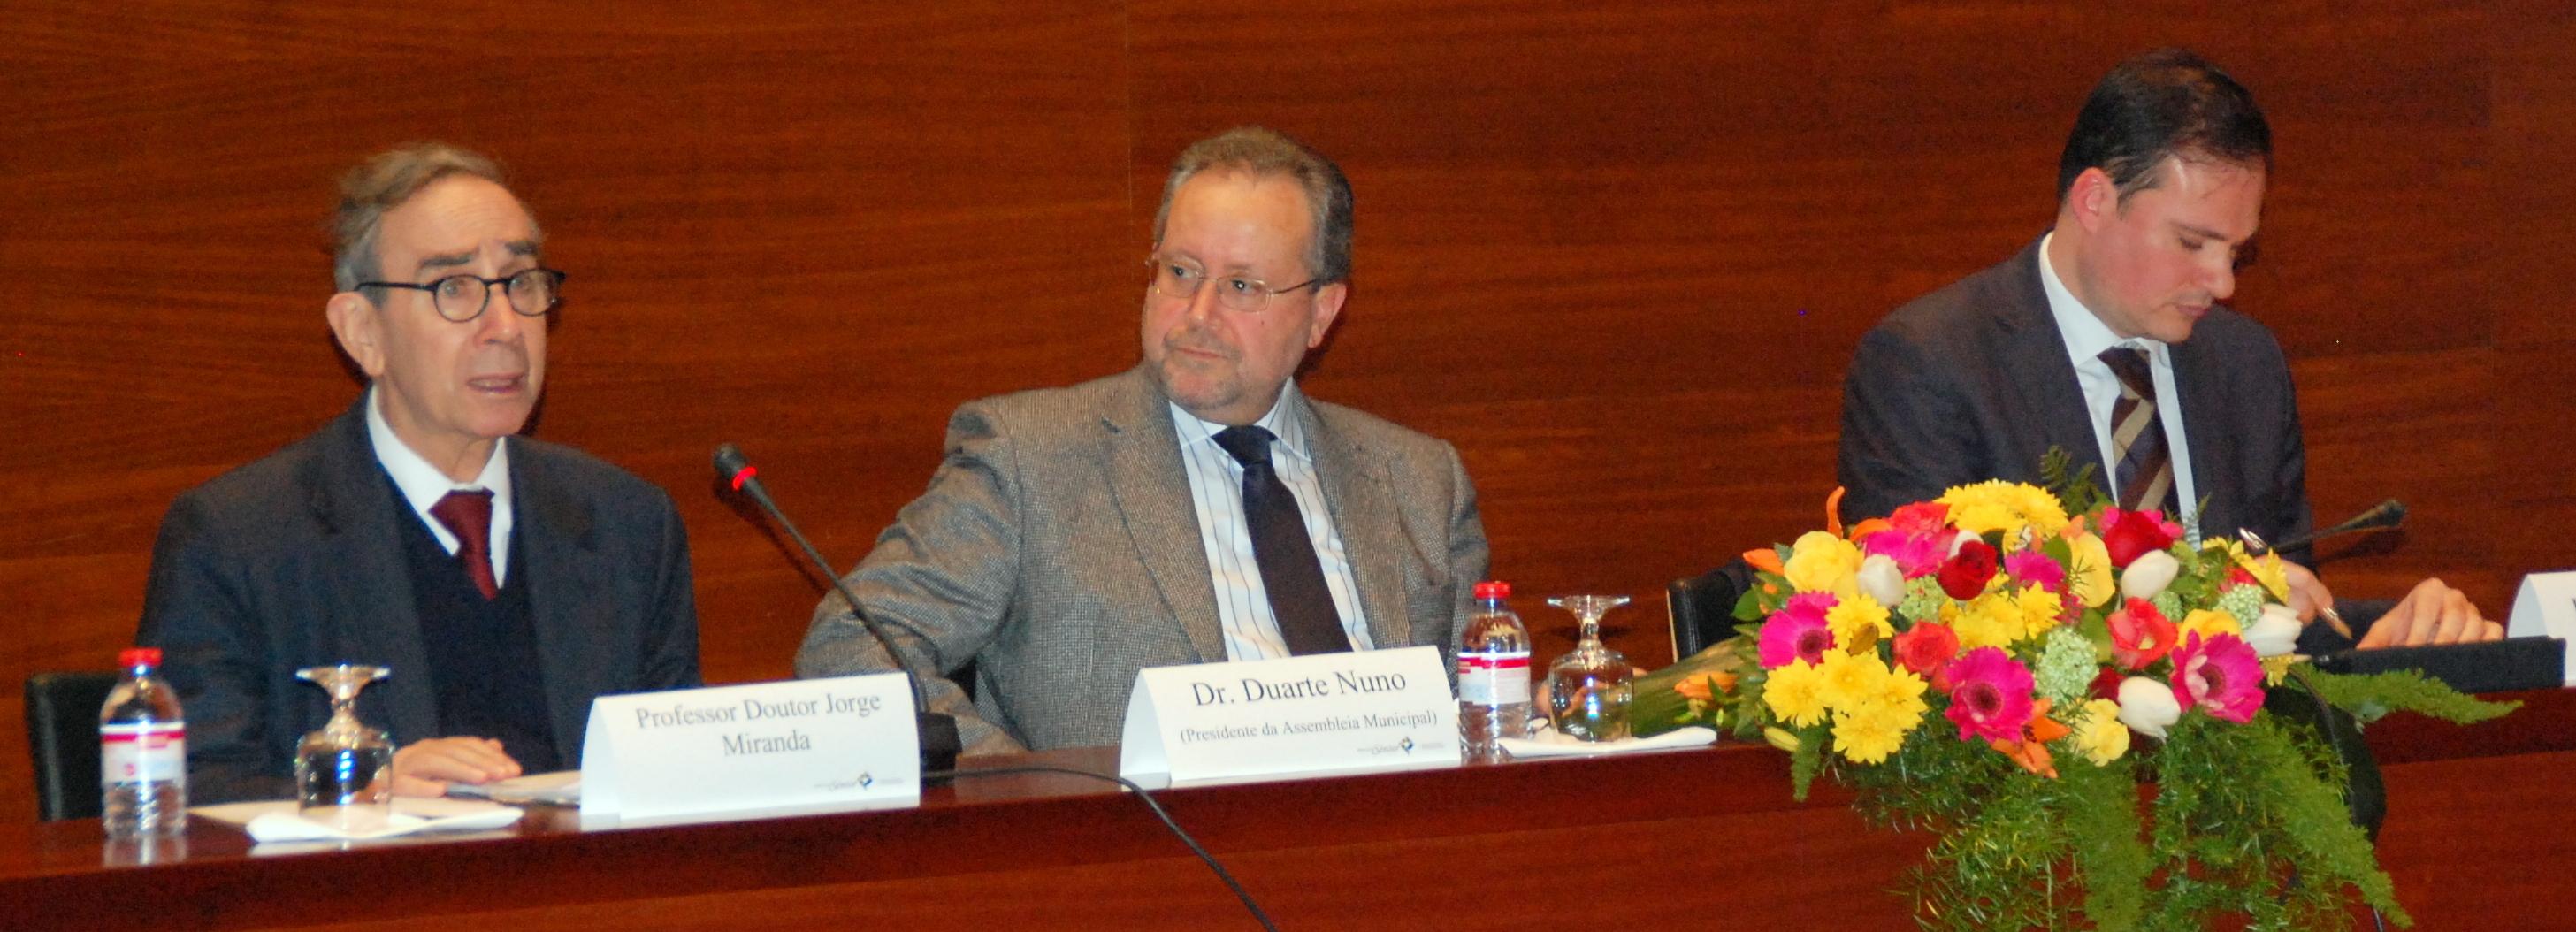 Jorge Miranda diz que a Constituição não impede o desenvolvimento económico